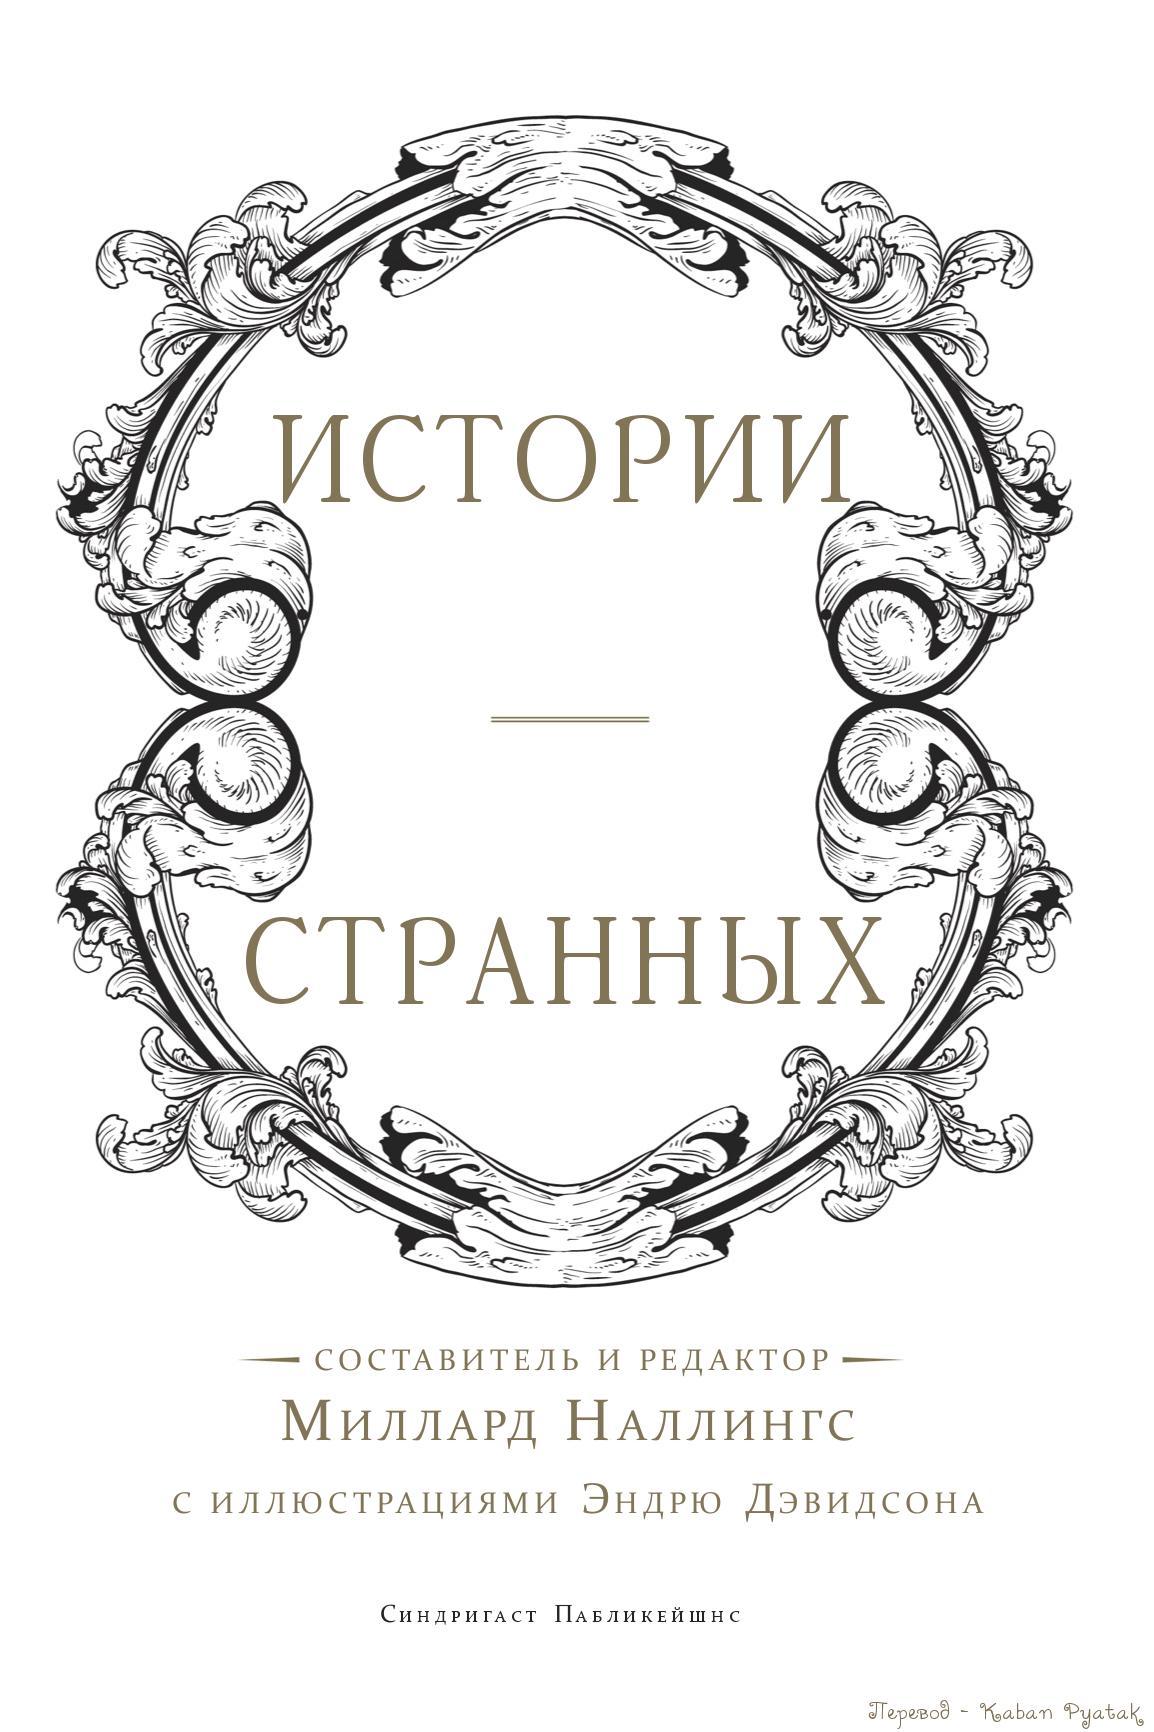 Истории странных (неофициальный перевод, с иллюстрациями)